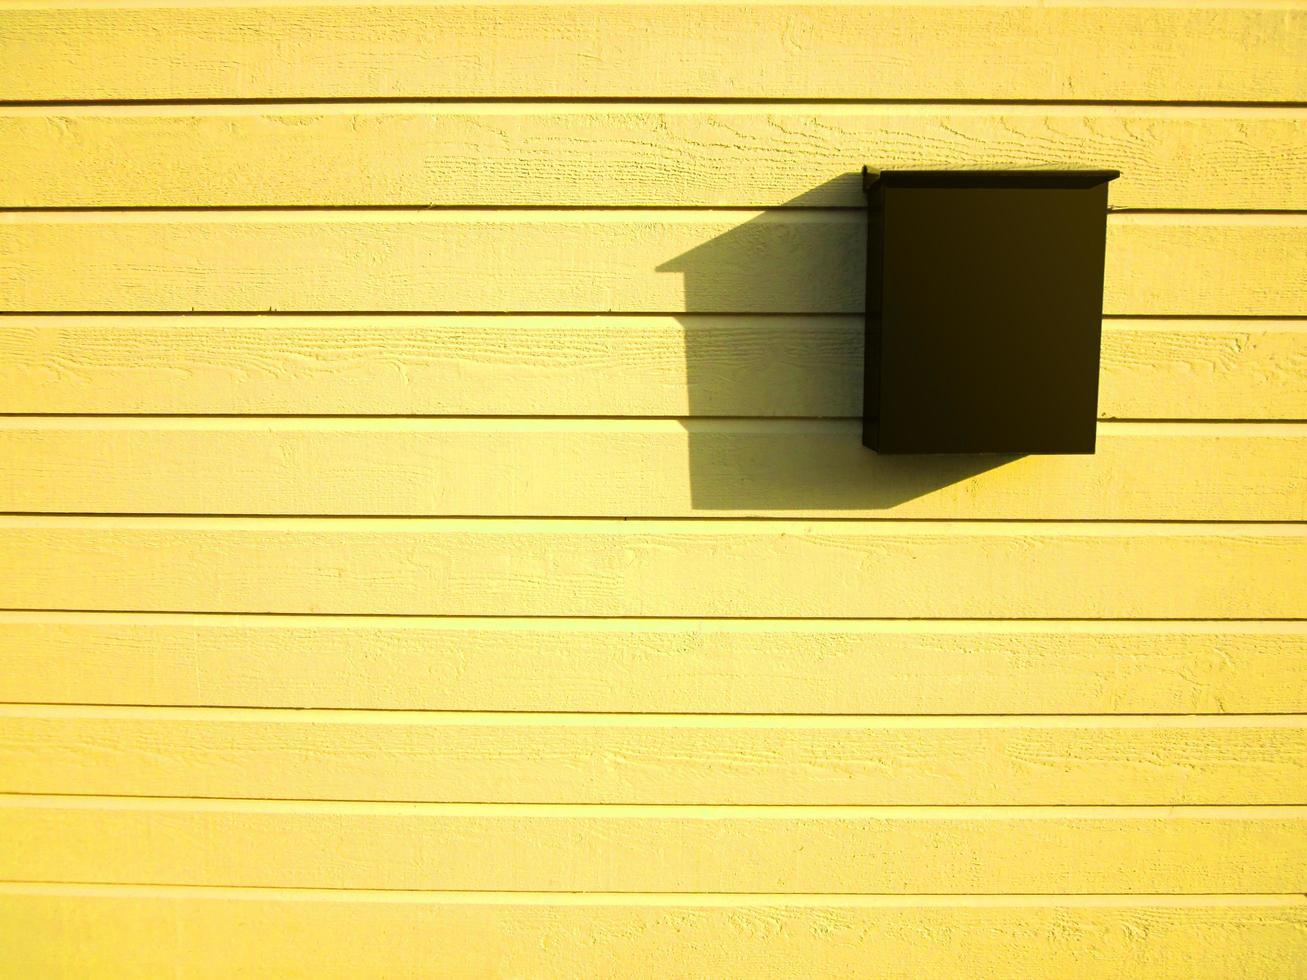 cassetta postale marrone scuro sulla parete di legno giallo brillante foto